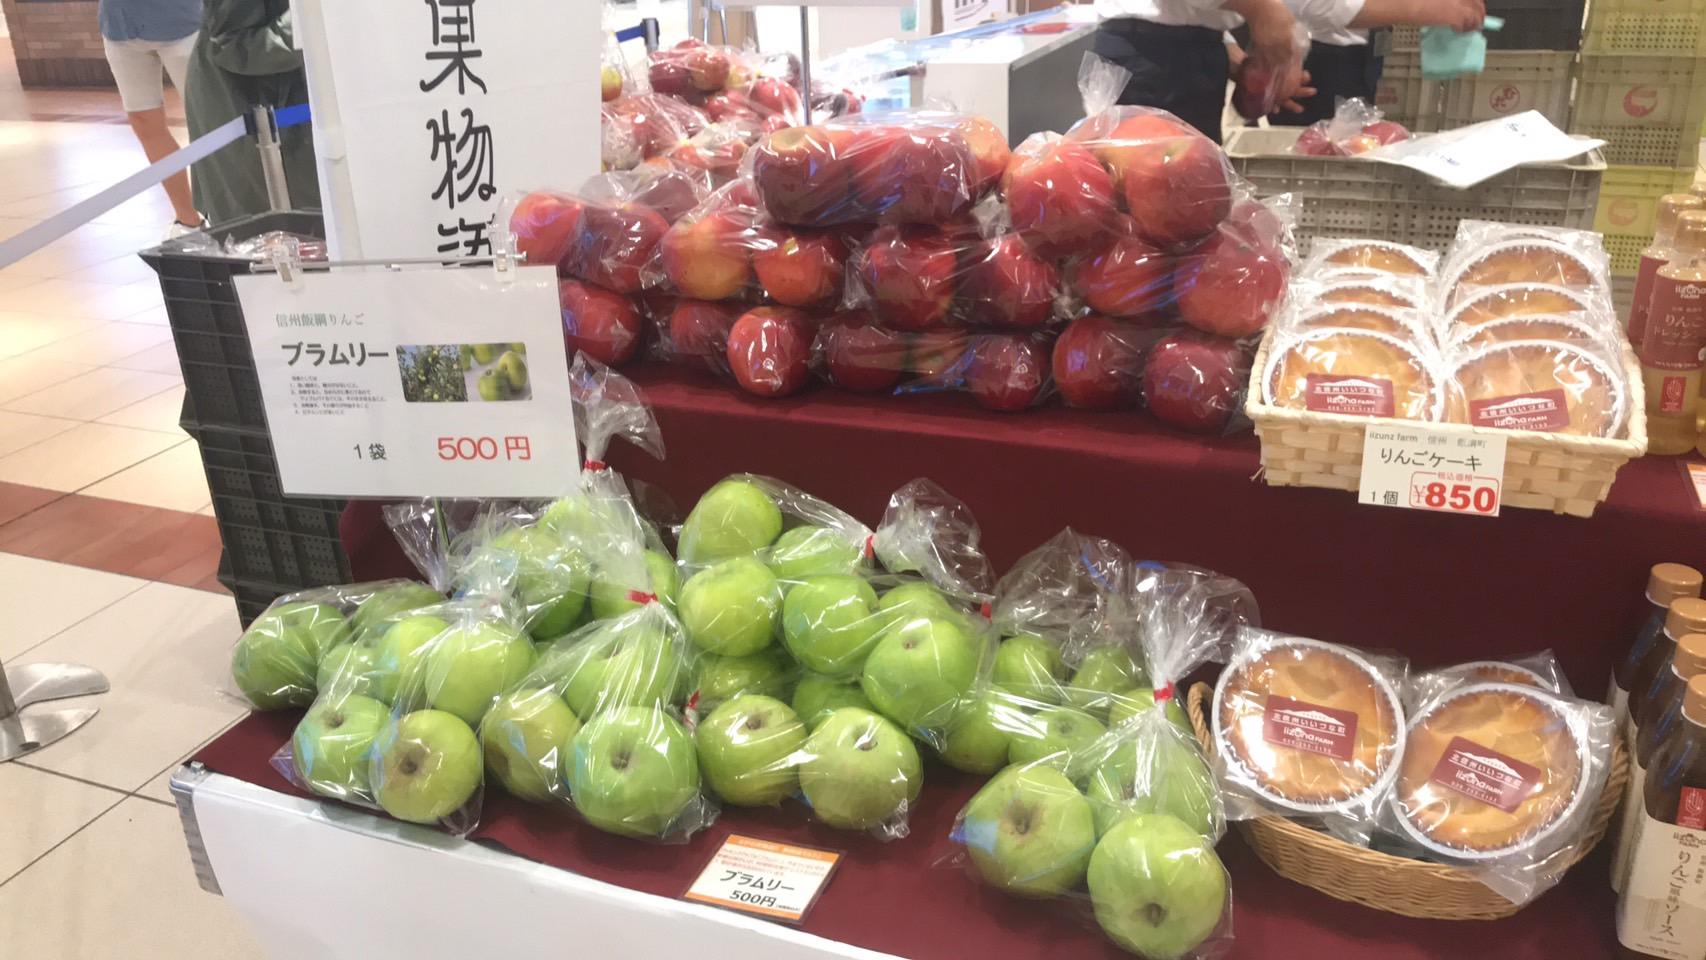 東京駅で長野県復興支援イベント開催。「ながの果物語り新幹線マルシェ」で、おいしいりんごを購入しよう!_5